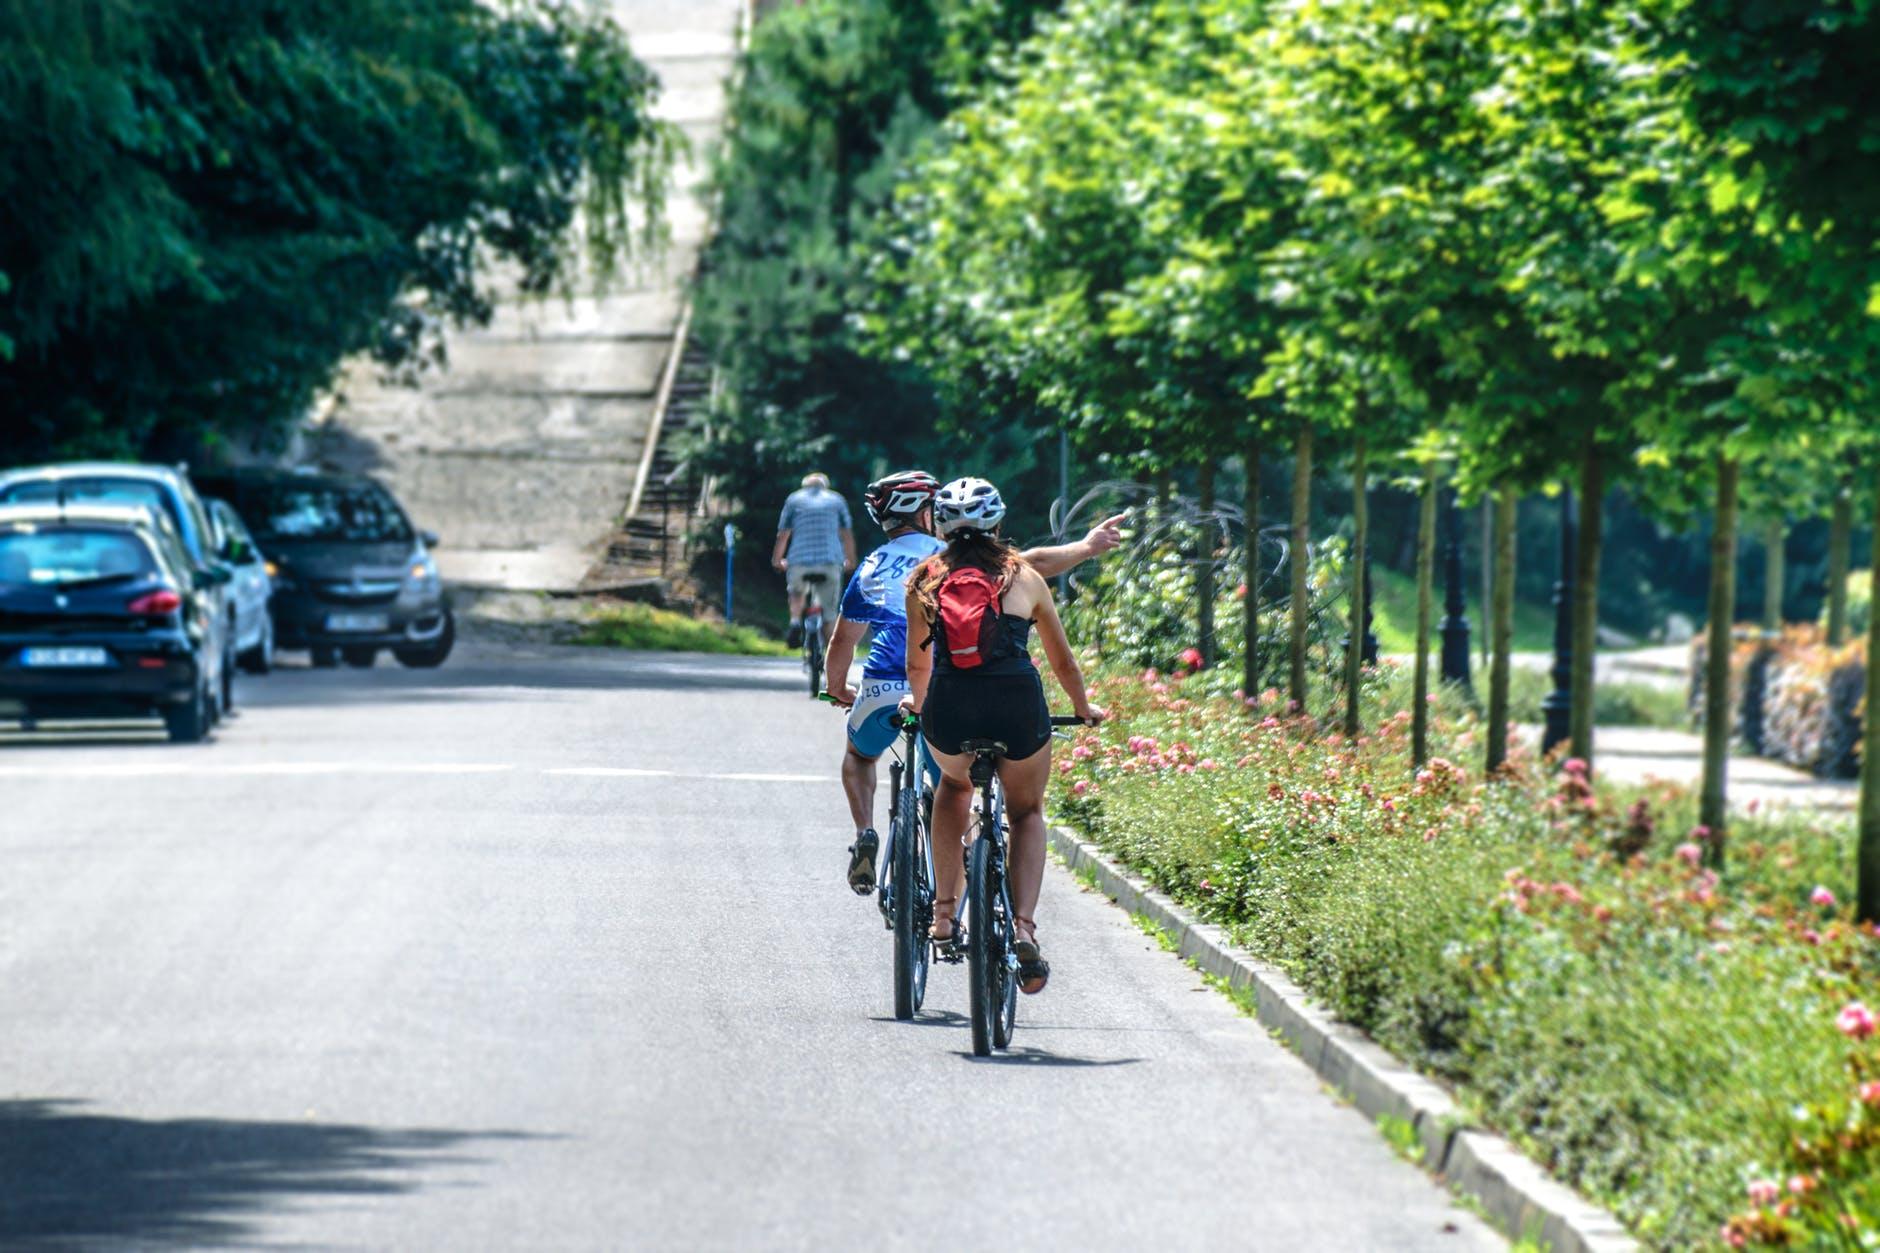 Jezdi férově: animované spoty učí cyklisty i řidiče ohleduplnosti